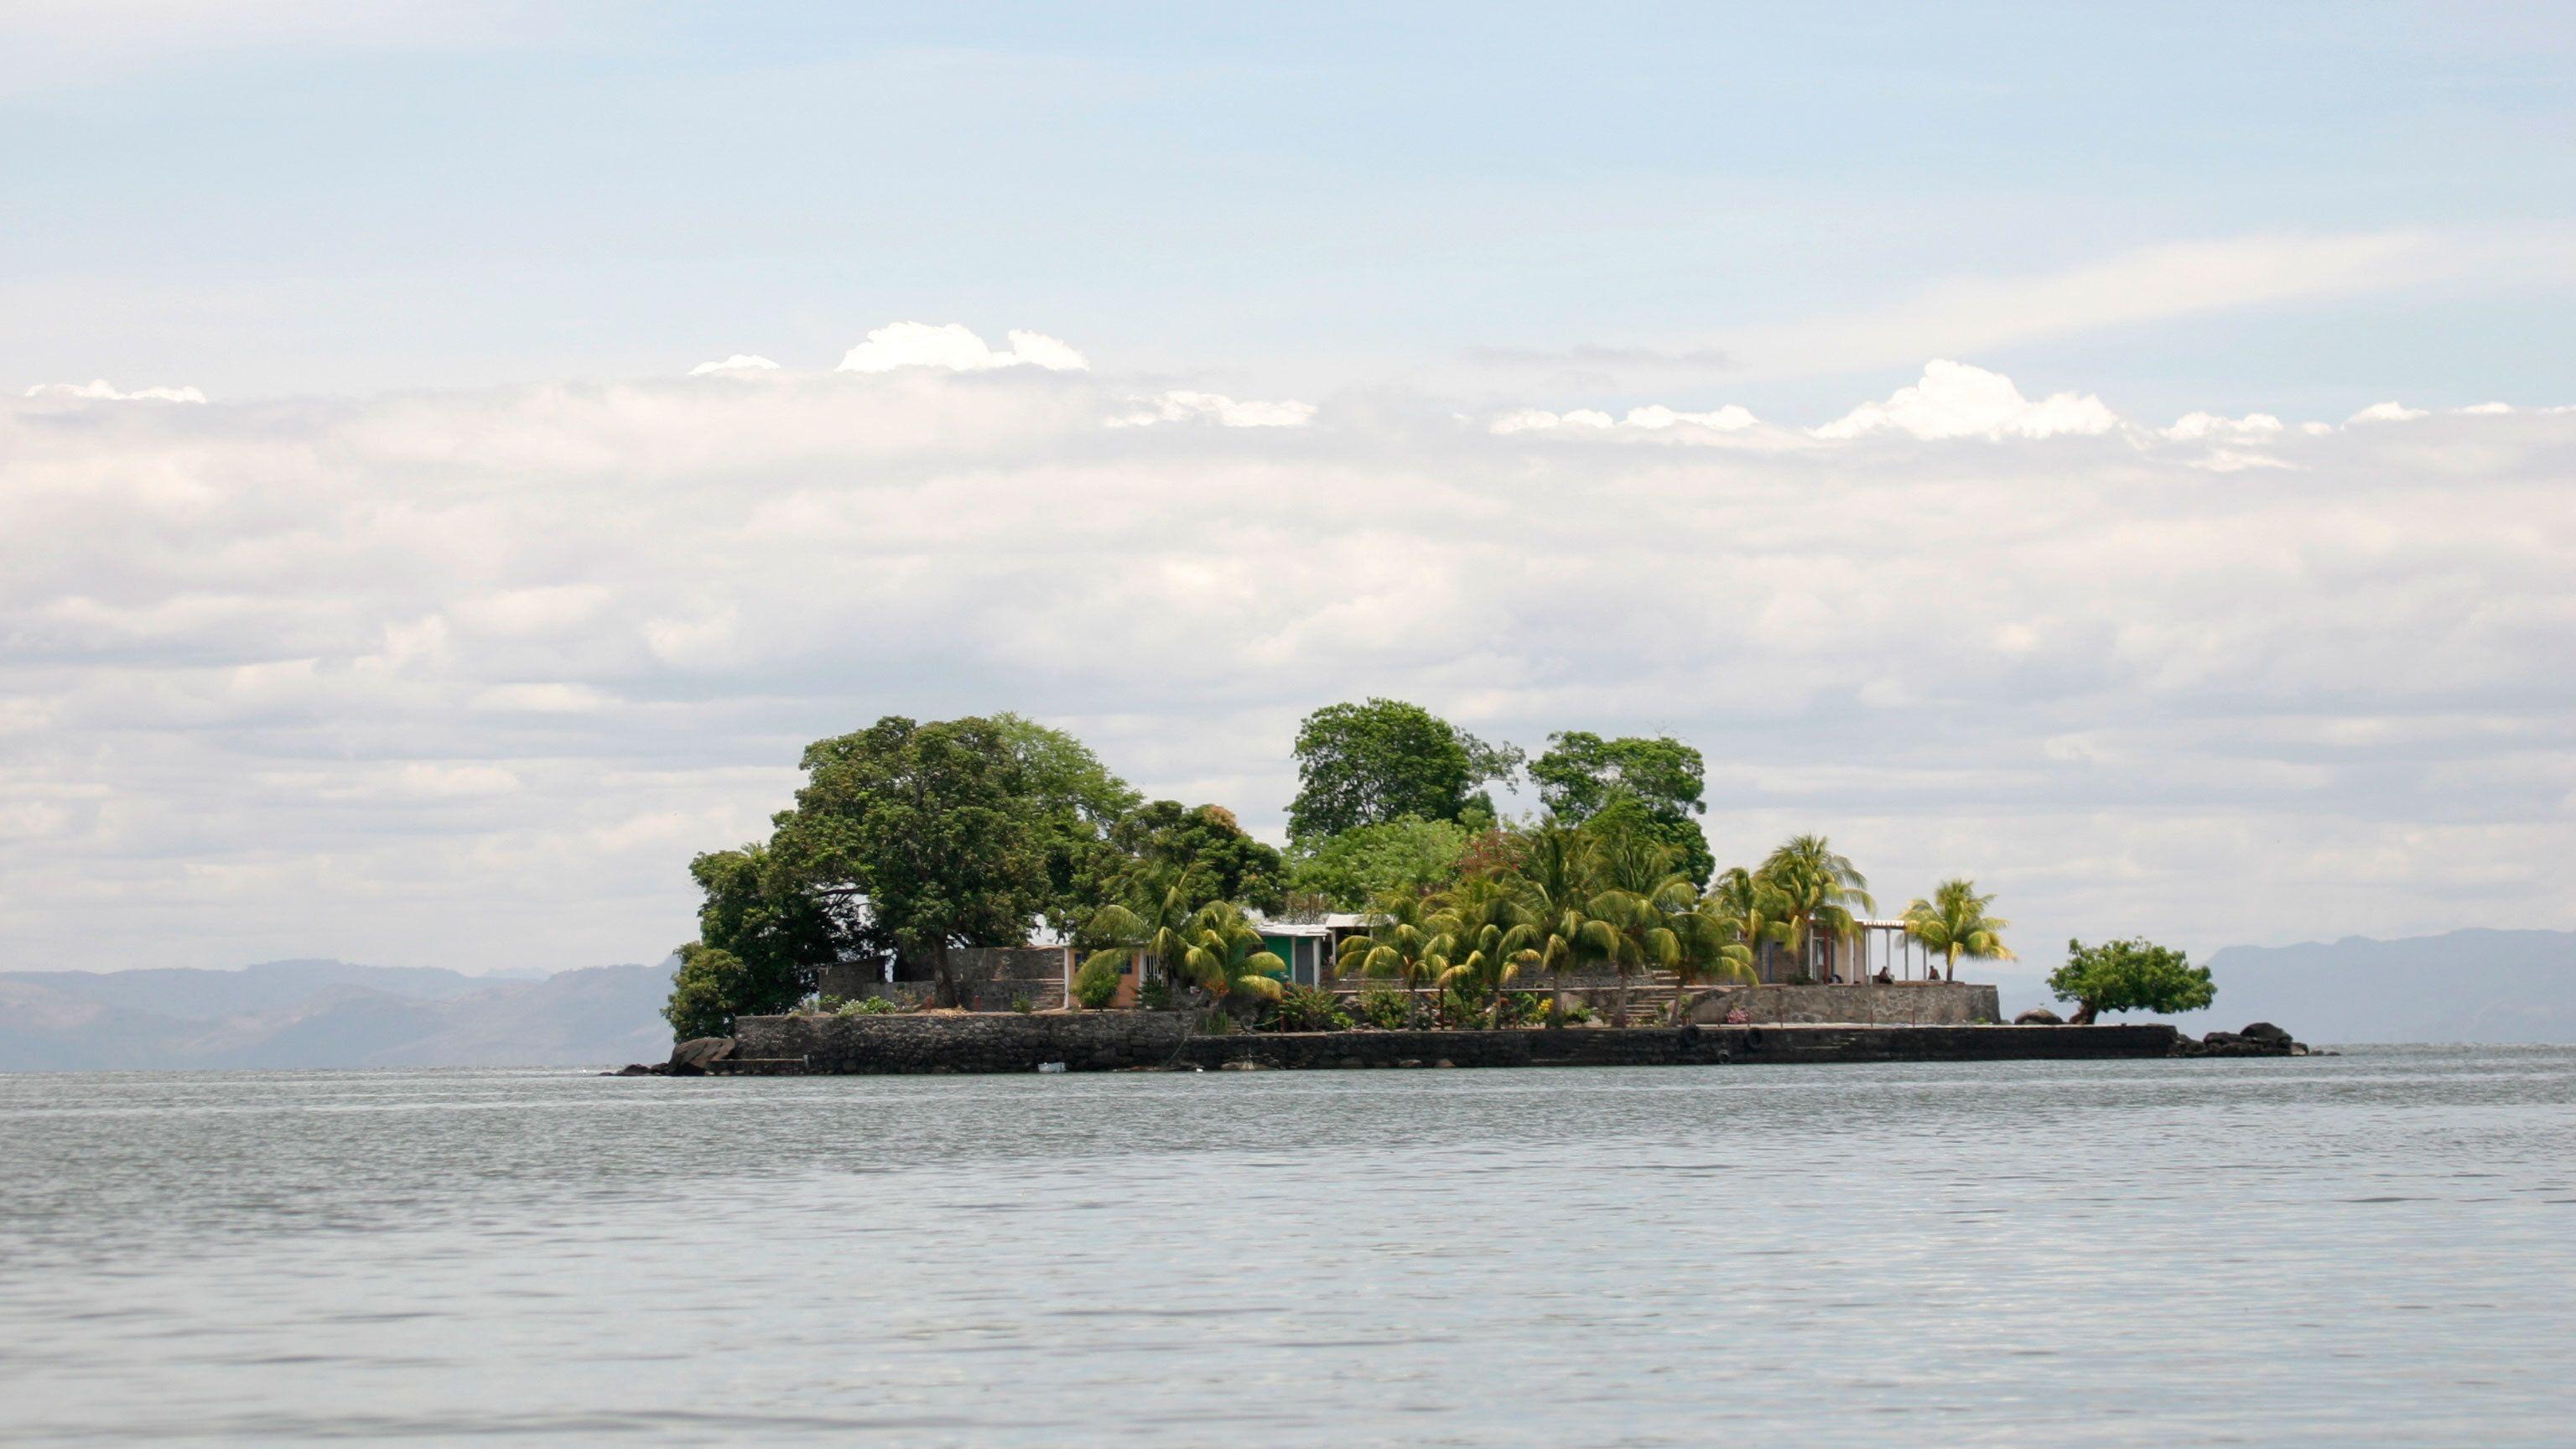 Small island off the coast of Nicaragua